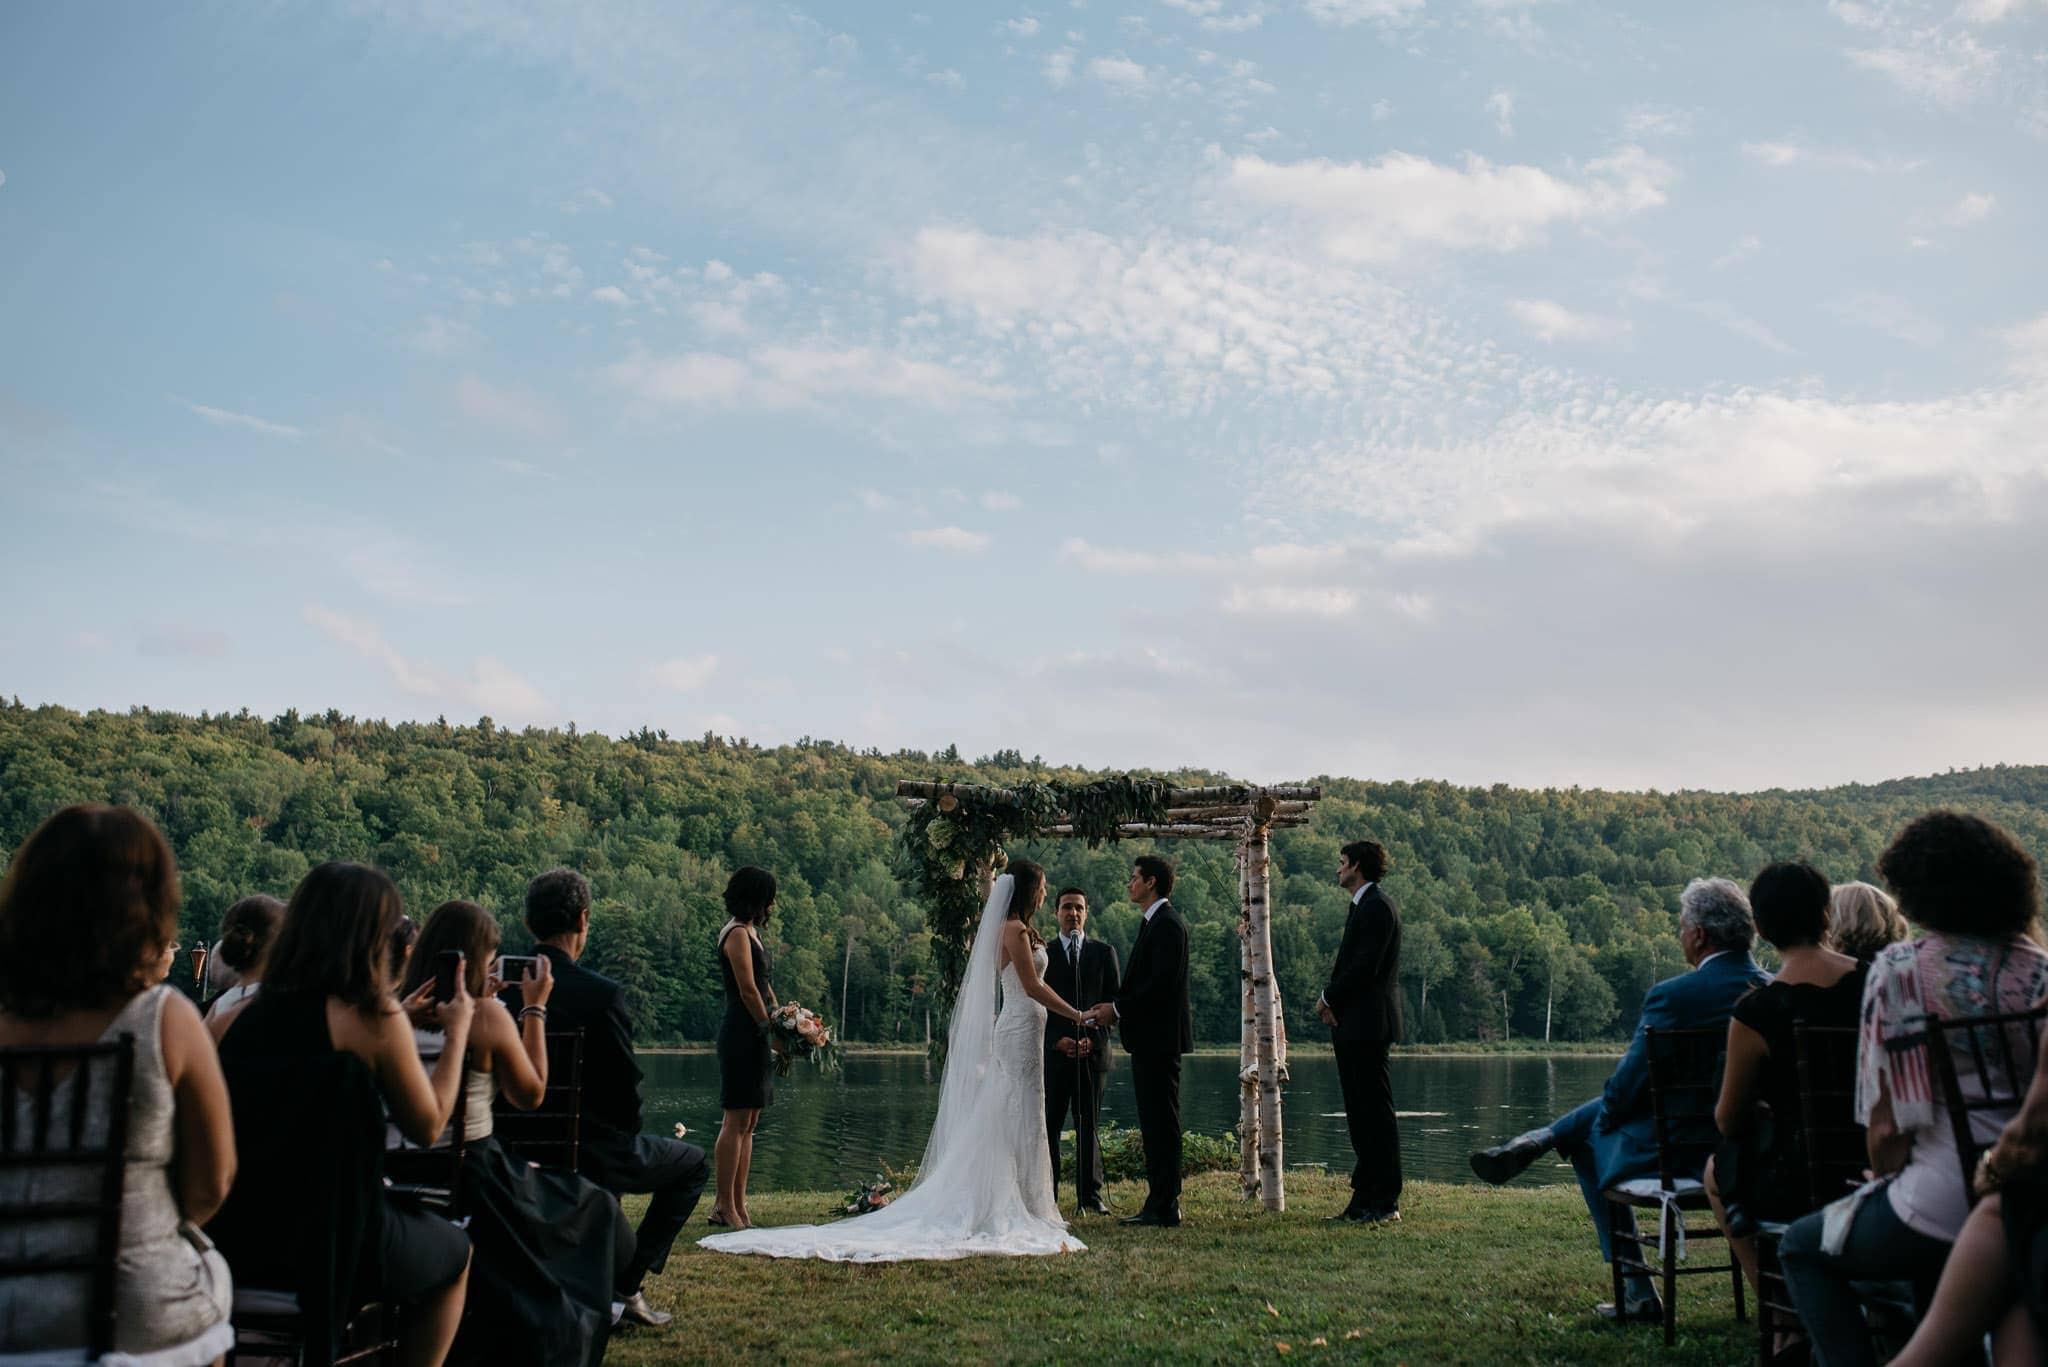 upstate-ny-lake-wedding-31